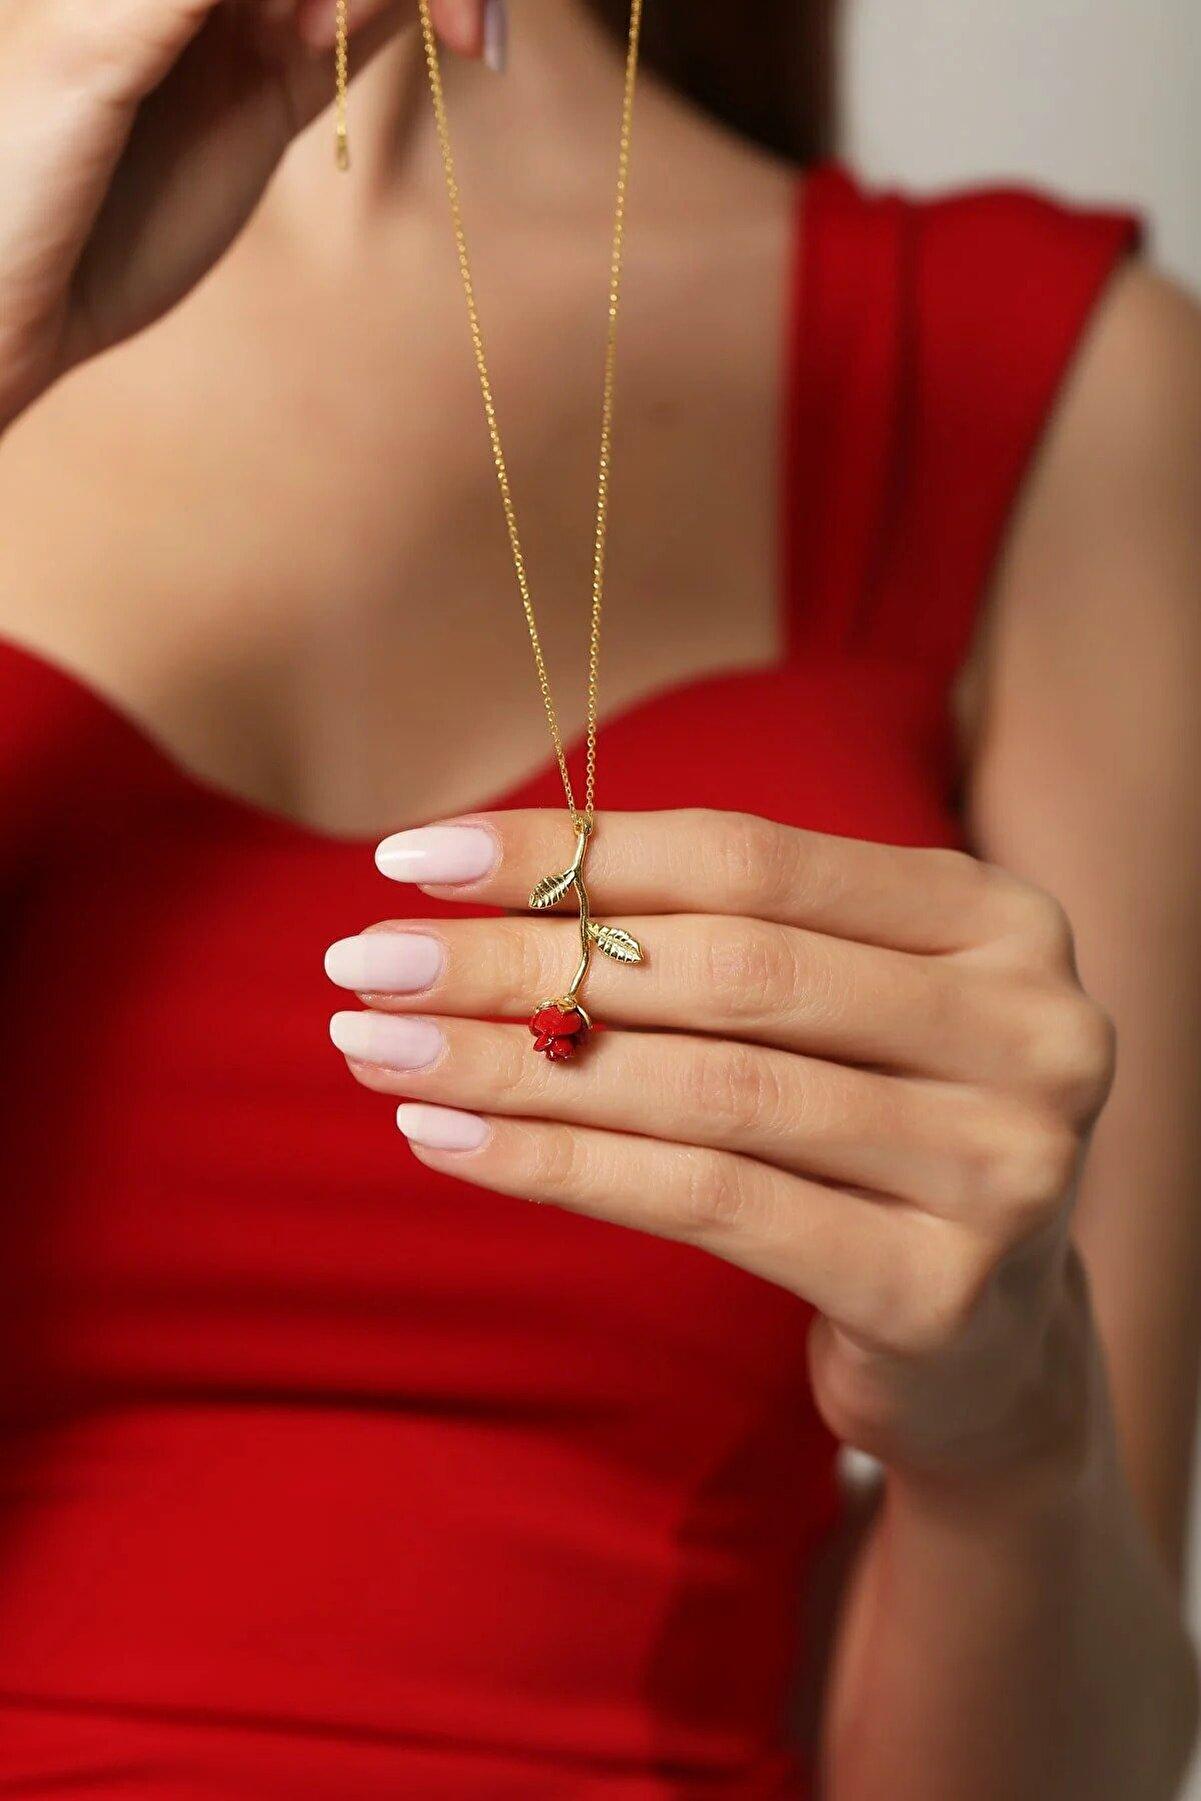 LOTUS GÜMÜŞ Gül Motifli 14 K Altın Kaplama Kadın Kolye